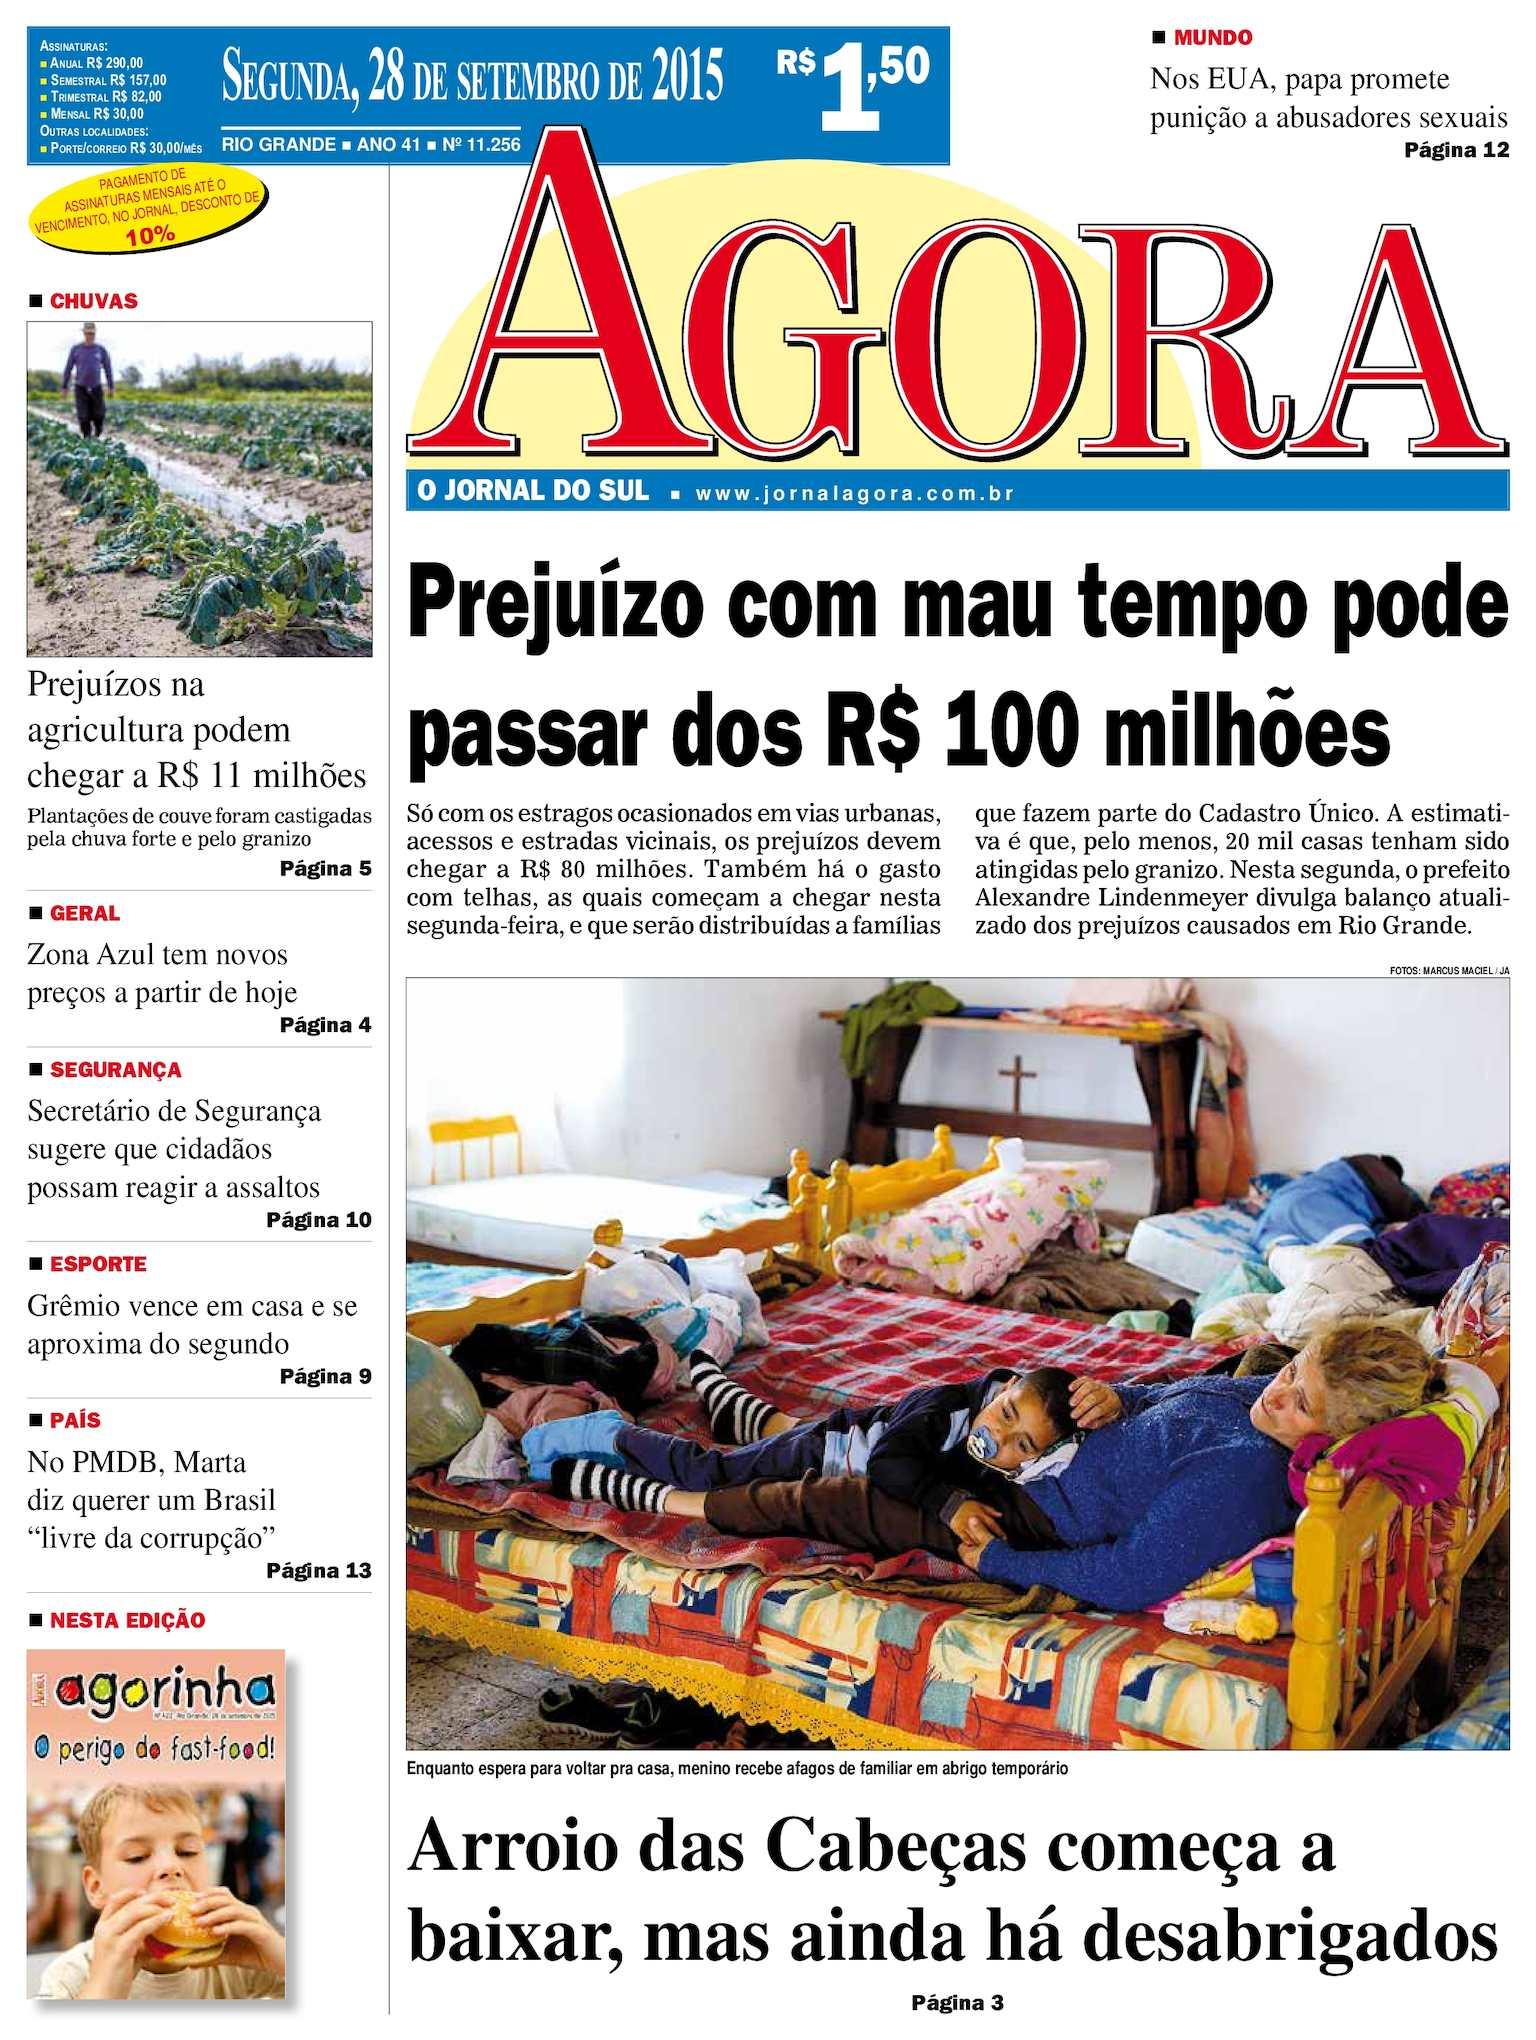 9ca33a034b5b8 Calaméo - Jornal Agora - Edição 11257 - 28 de Setembro de 2015